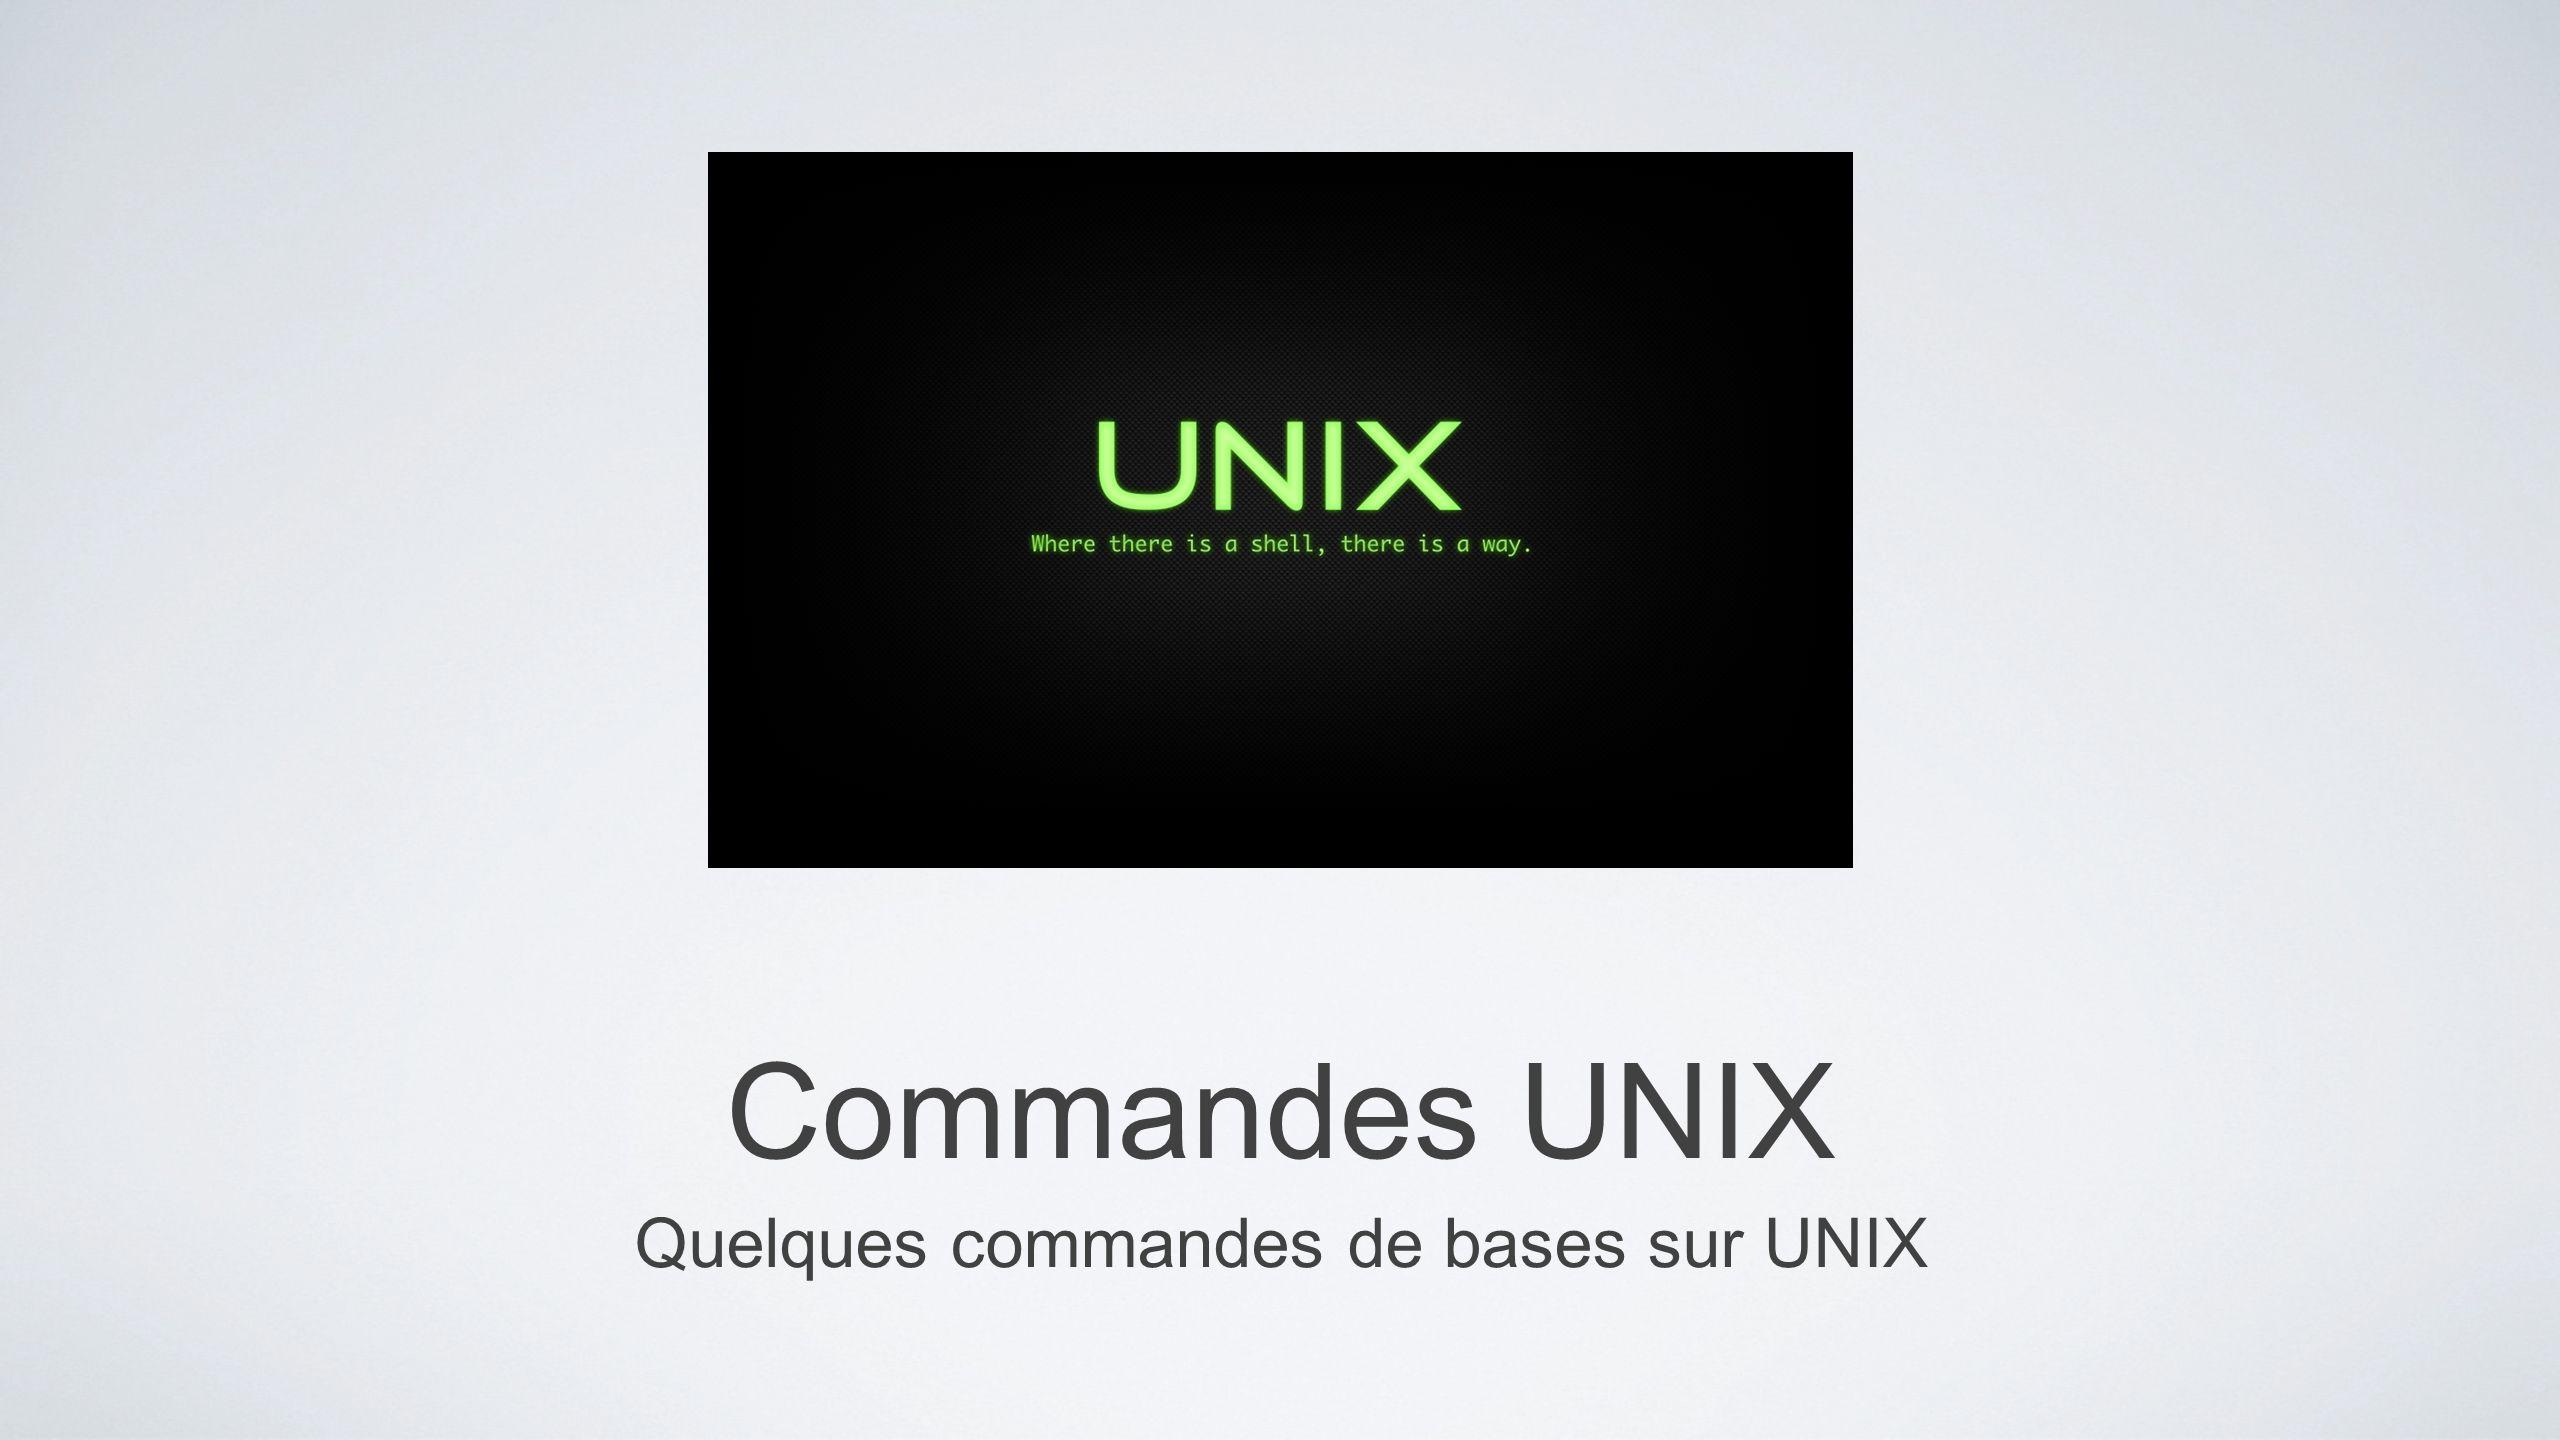 Quelques commandes de bases sur UNIX